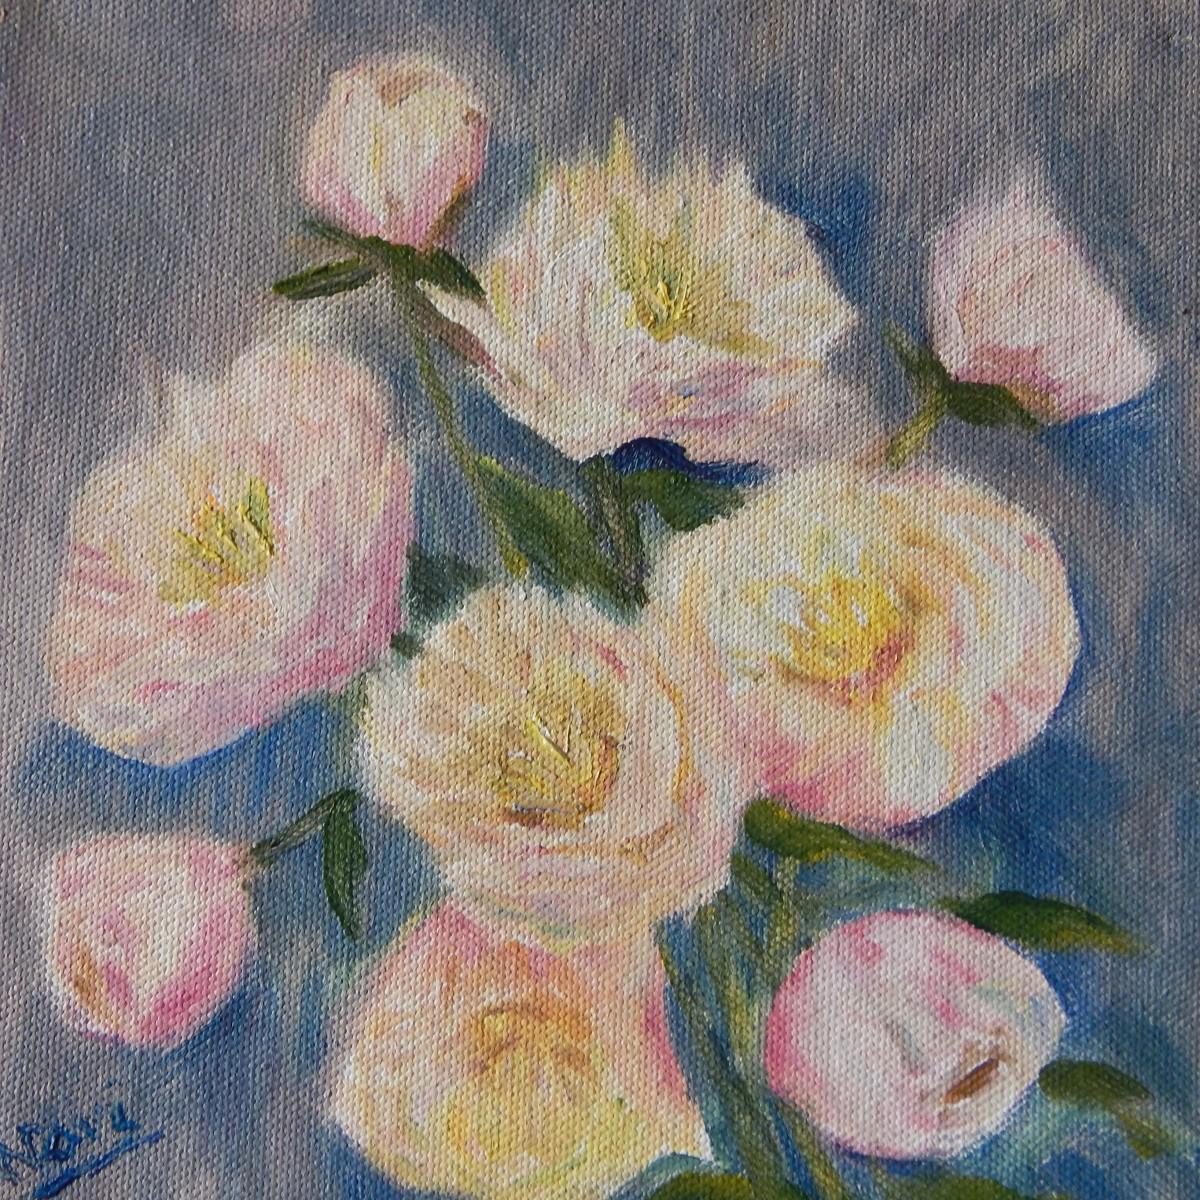 Floral painting by Navdeep Kular